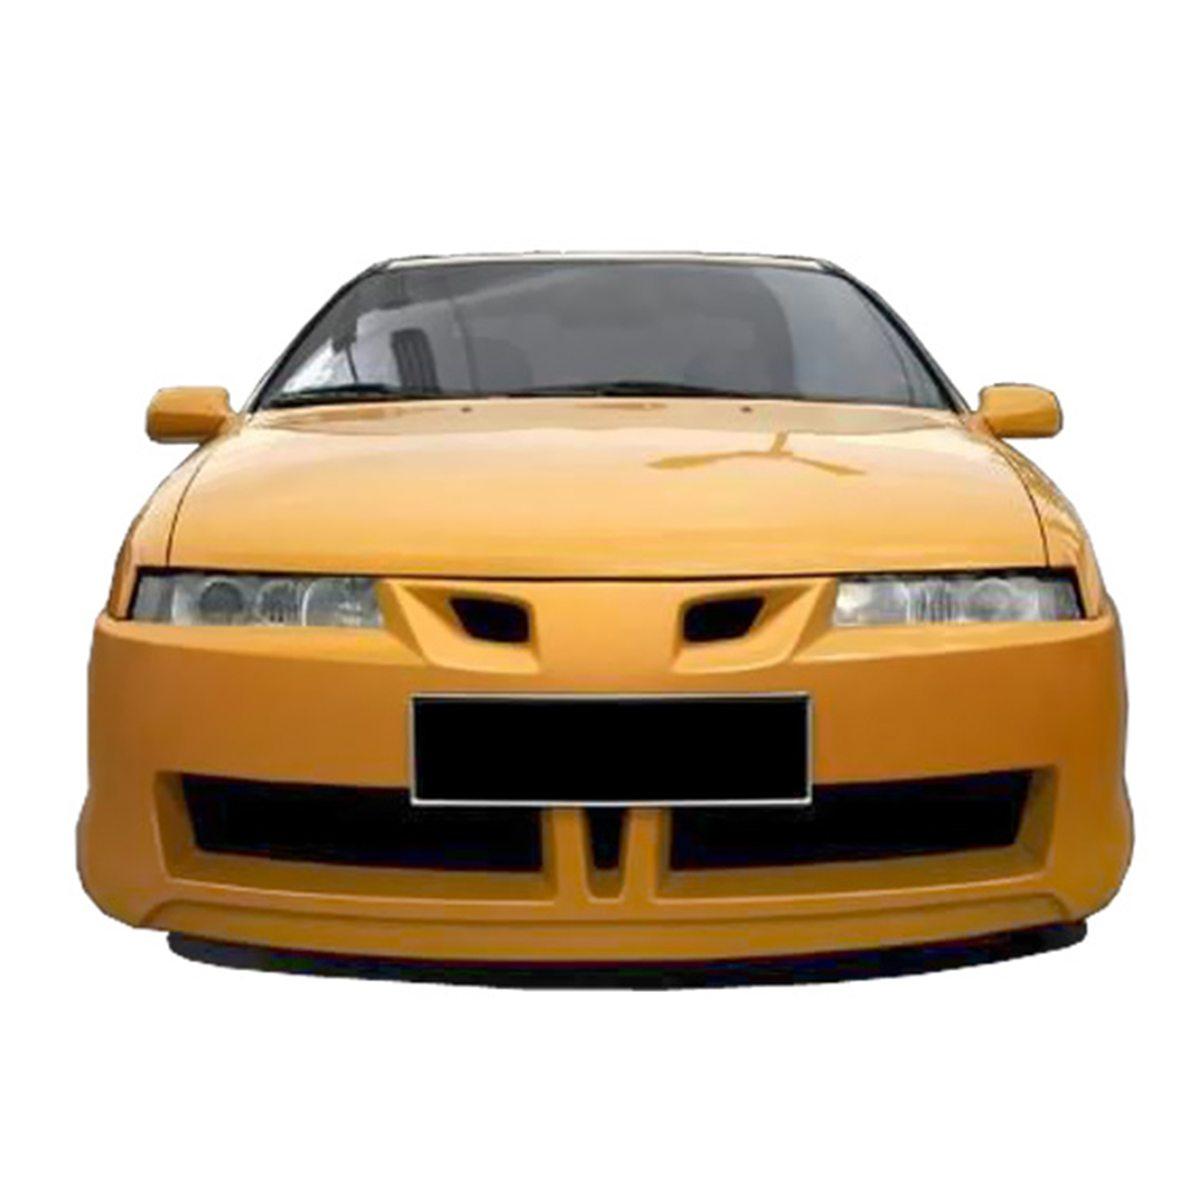 Opel-Calibra-Platinum-Frt-PCS129